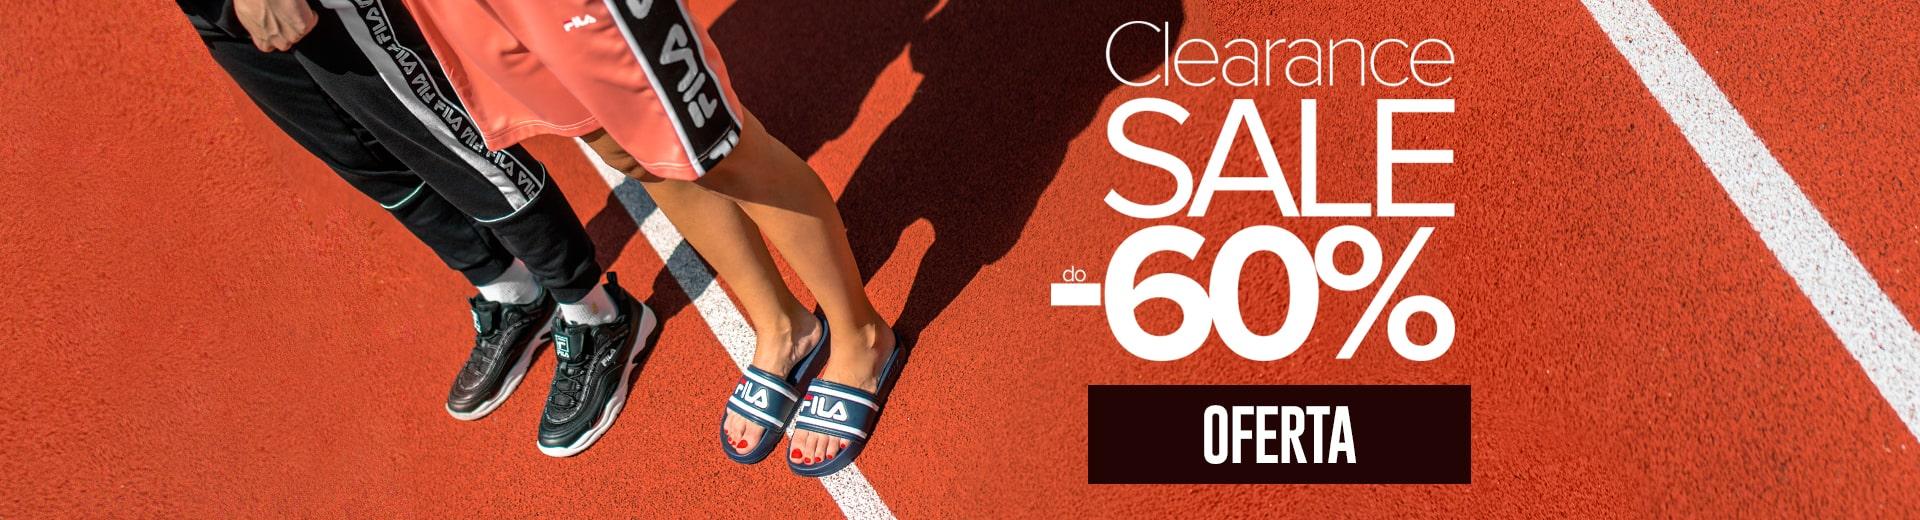 Fabryka Outlet: wyprzedaż do 60% rabatu na buty damskie, męskie oraz dziecięce